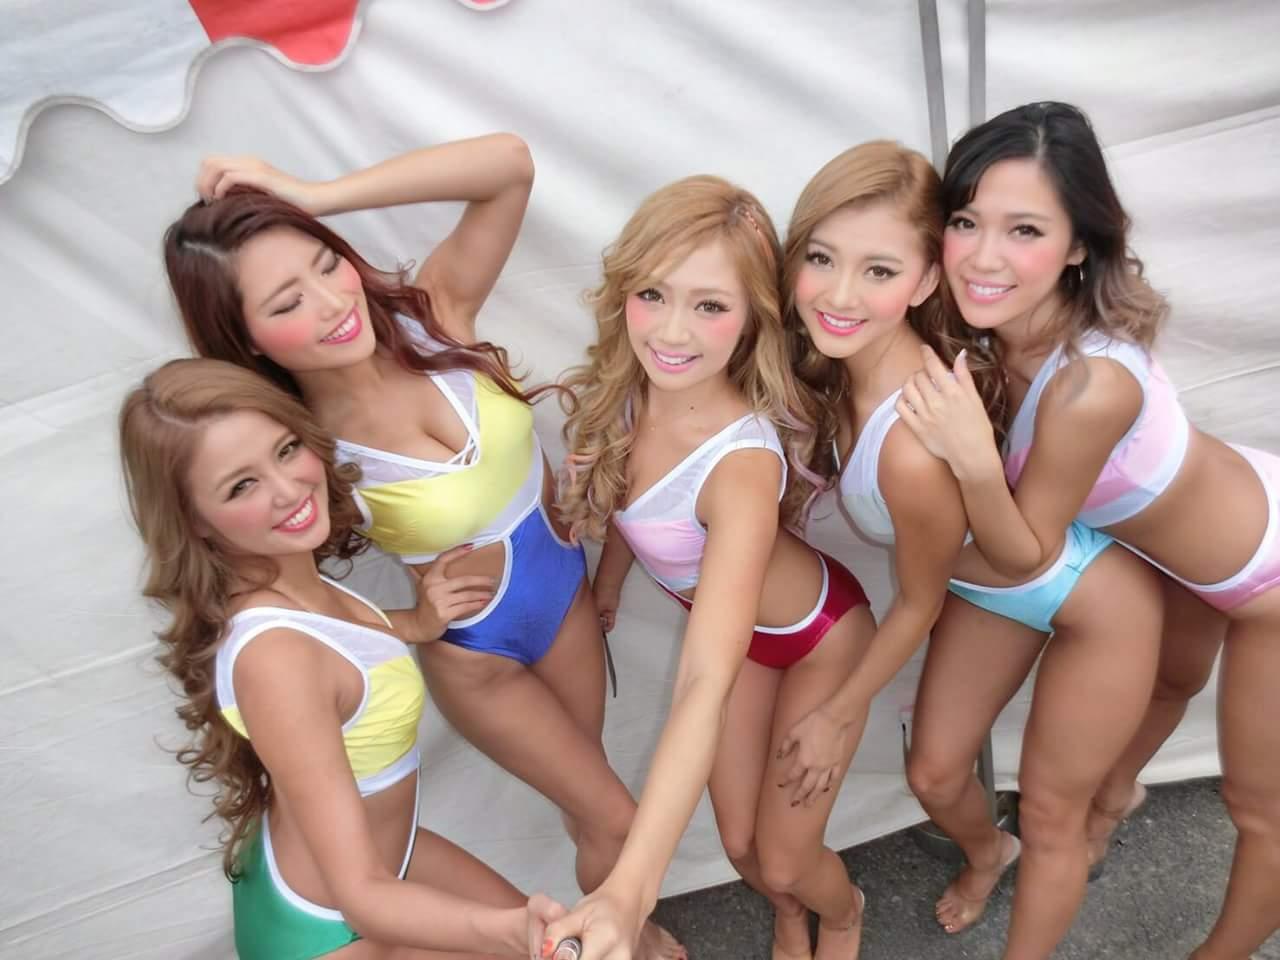 image http://scanlover.com/assets/images/1837-bmZLy6mZNqcSBq0q.jpeg